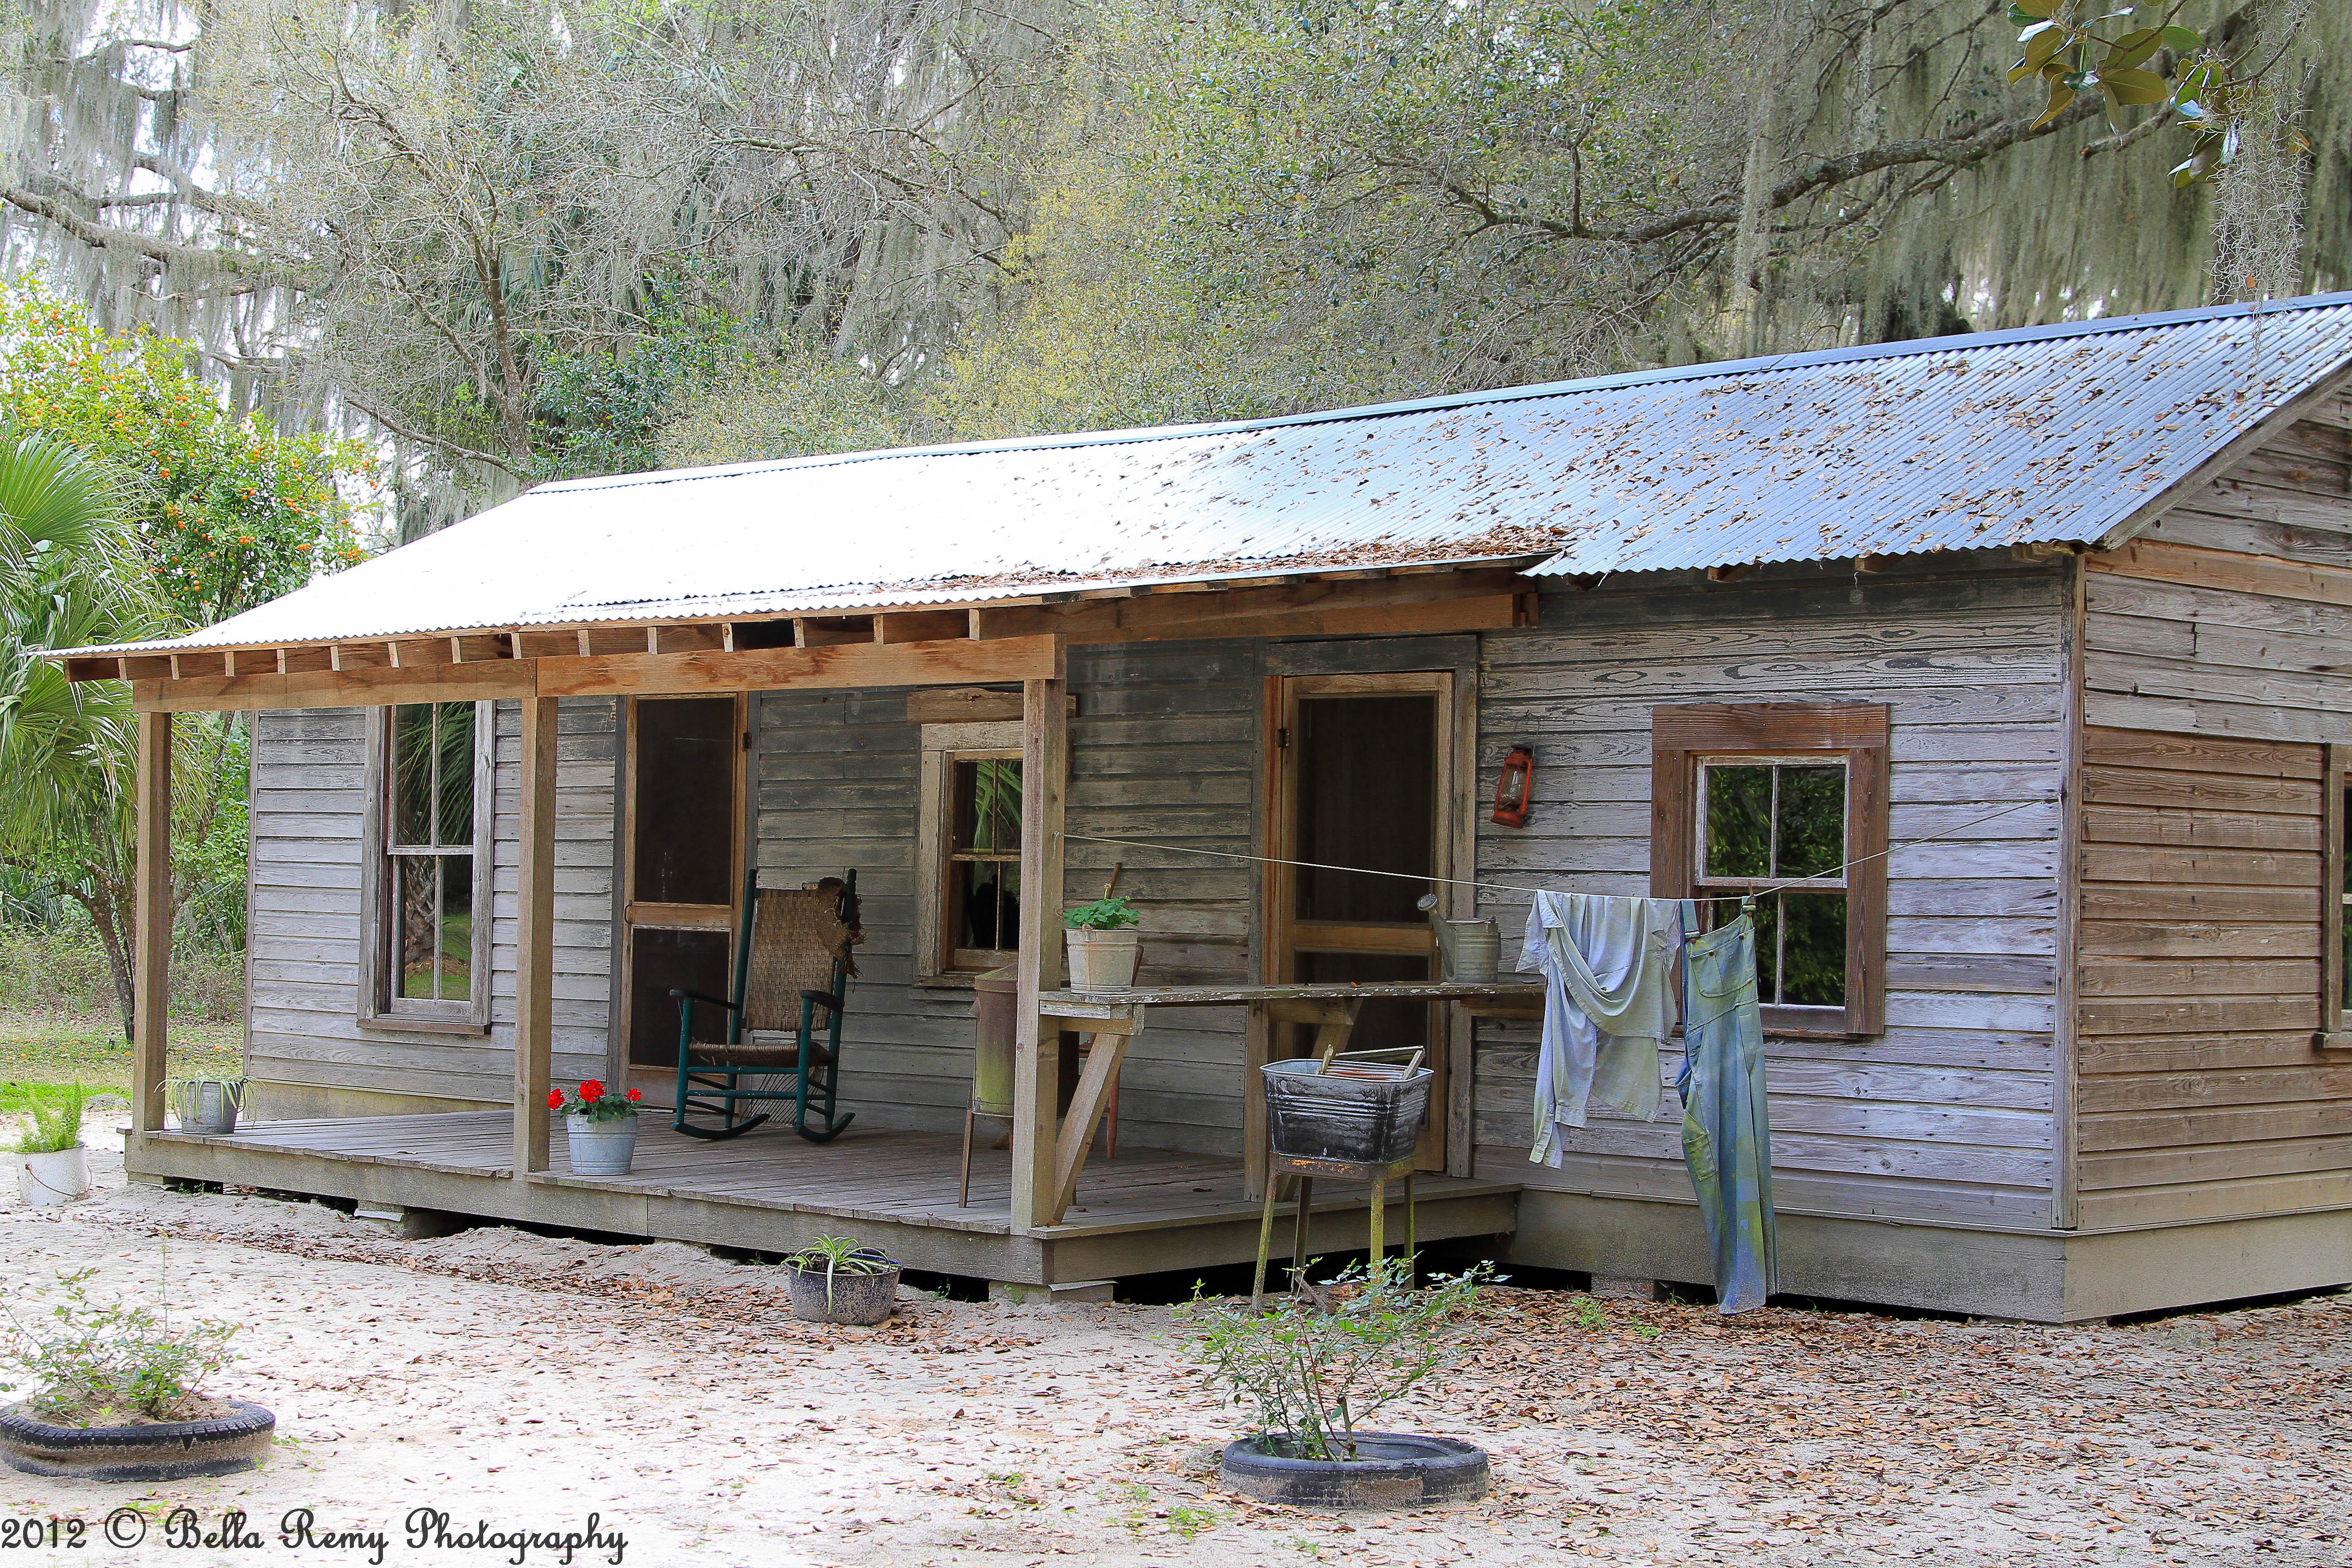 Cross Creek The Home Of Marjorie Kinnan Rawlings Emily